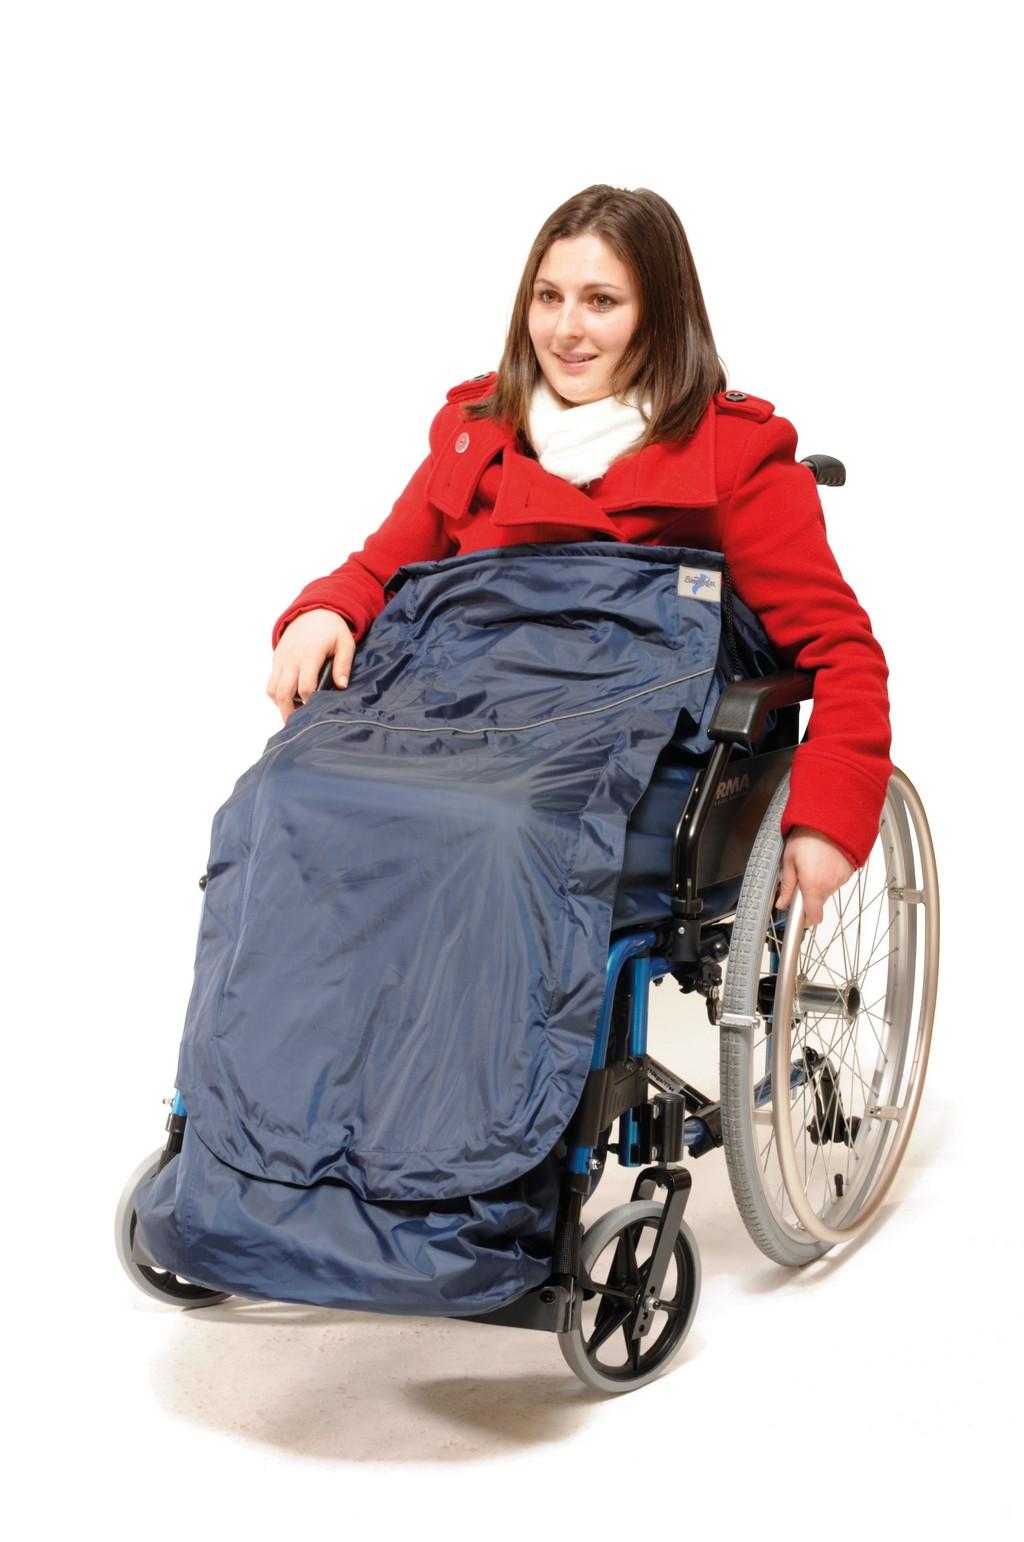 power chair accessories lexor spa wheelchair assistance lights